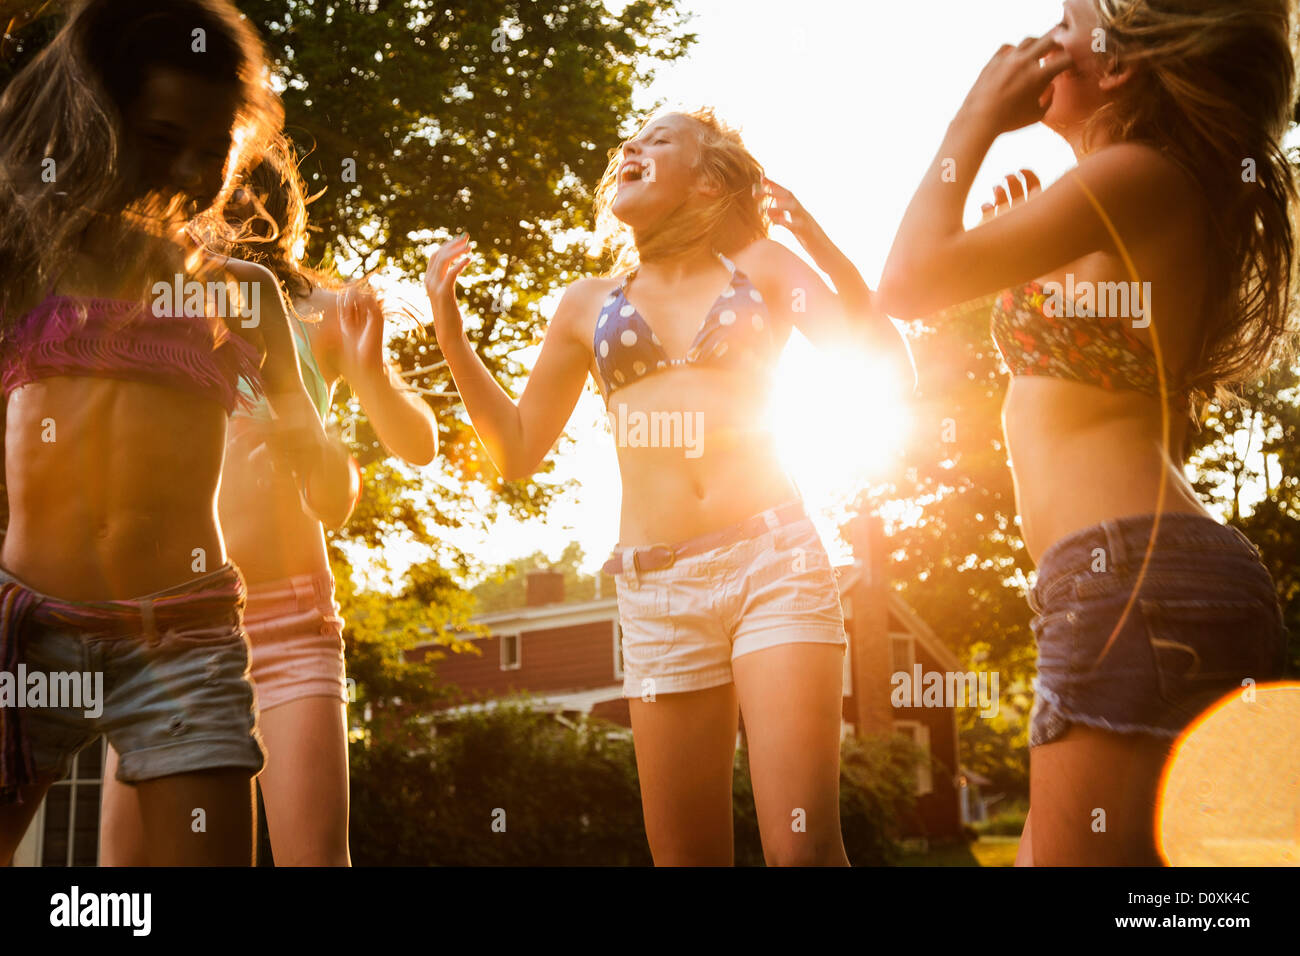 Las niñas bailando en el jardín Imagen De Stock